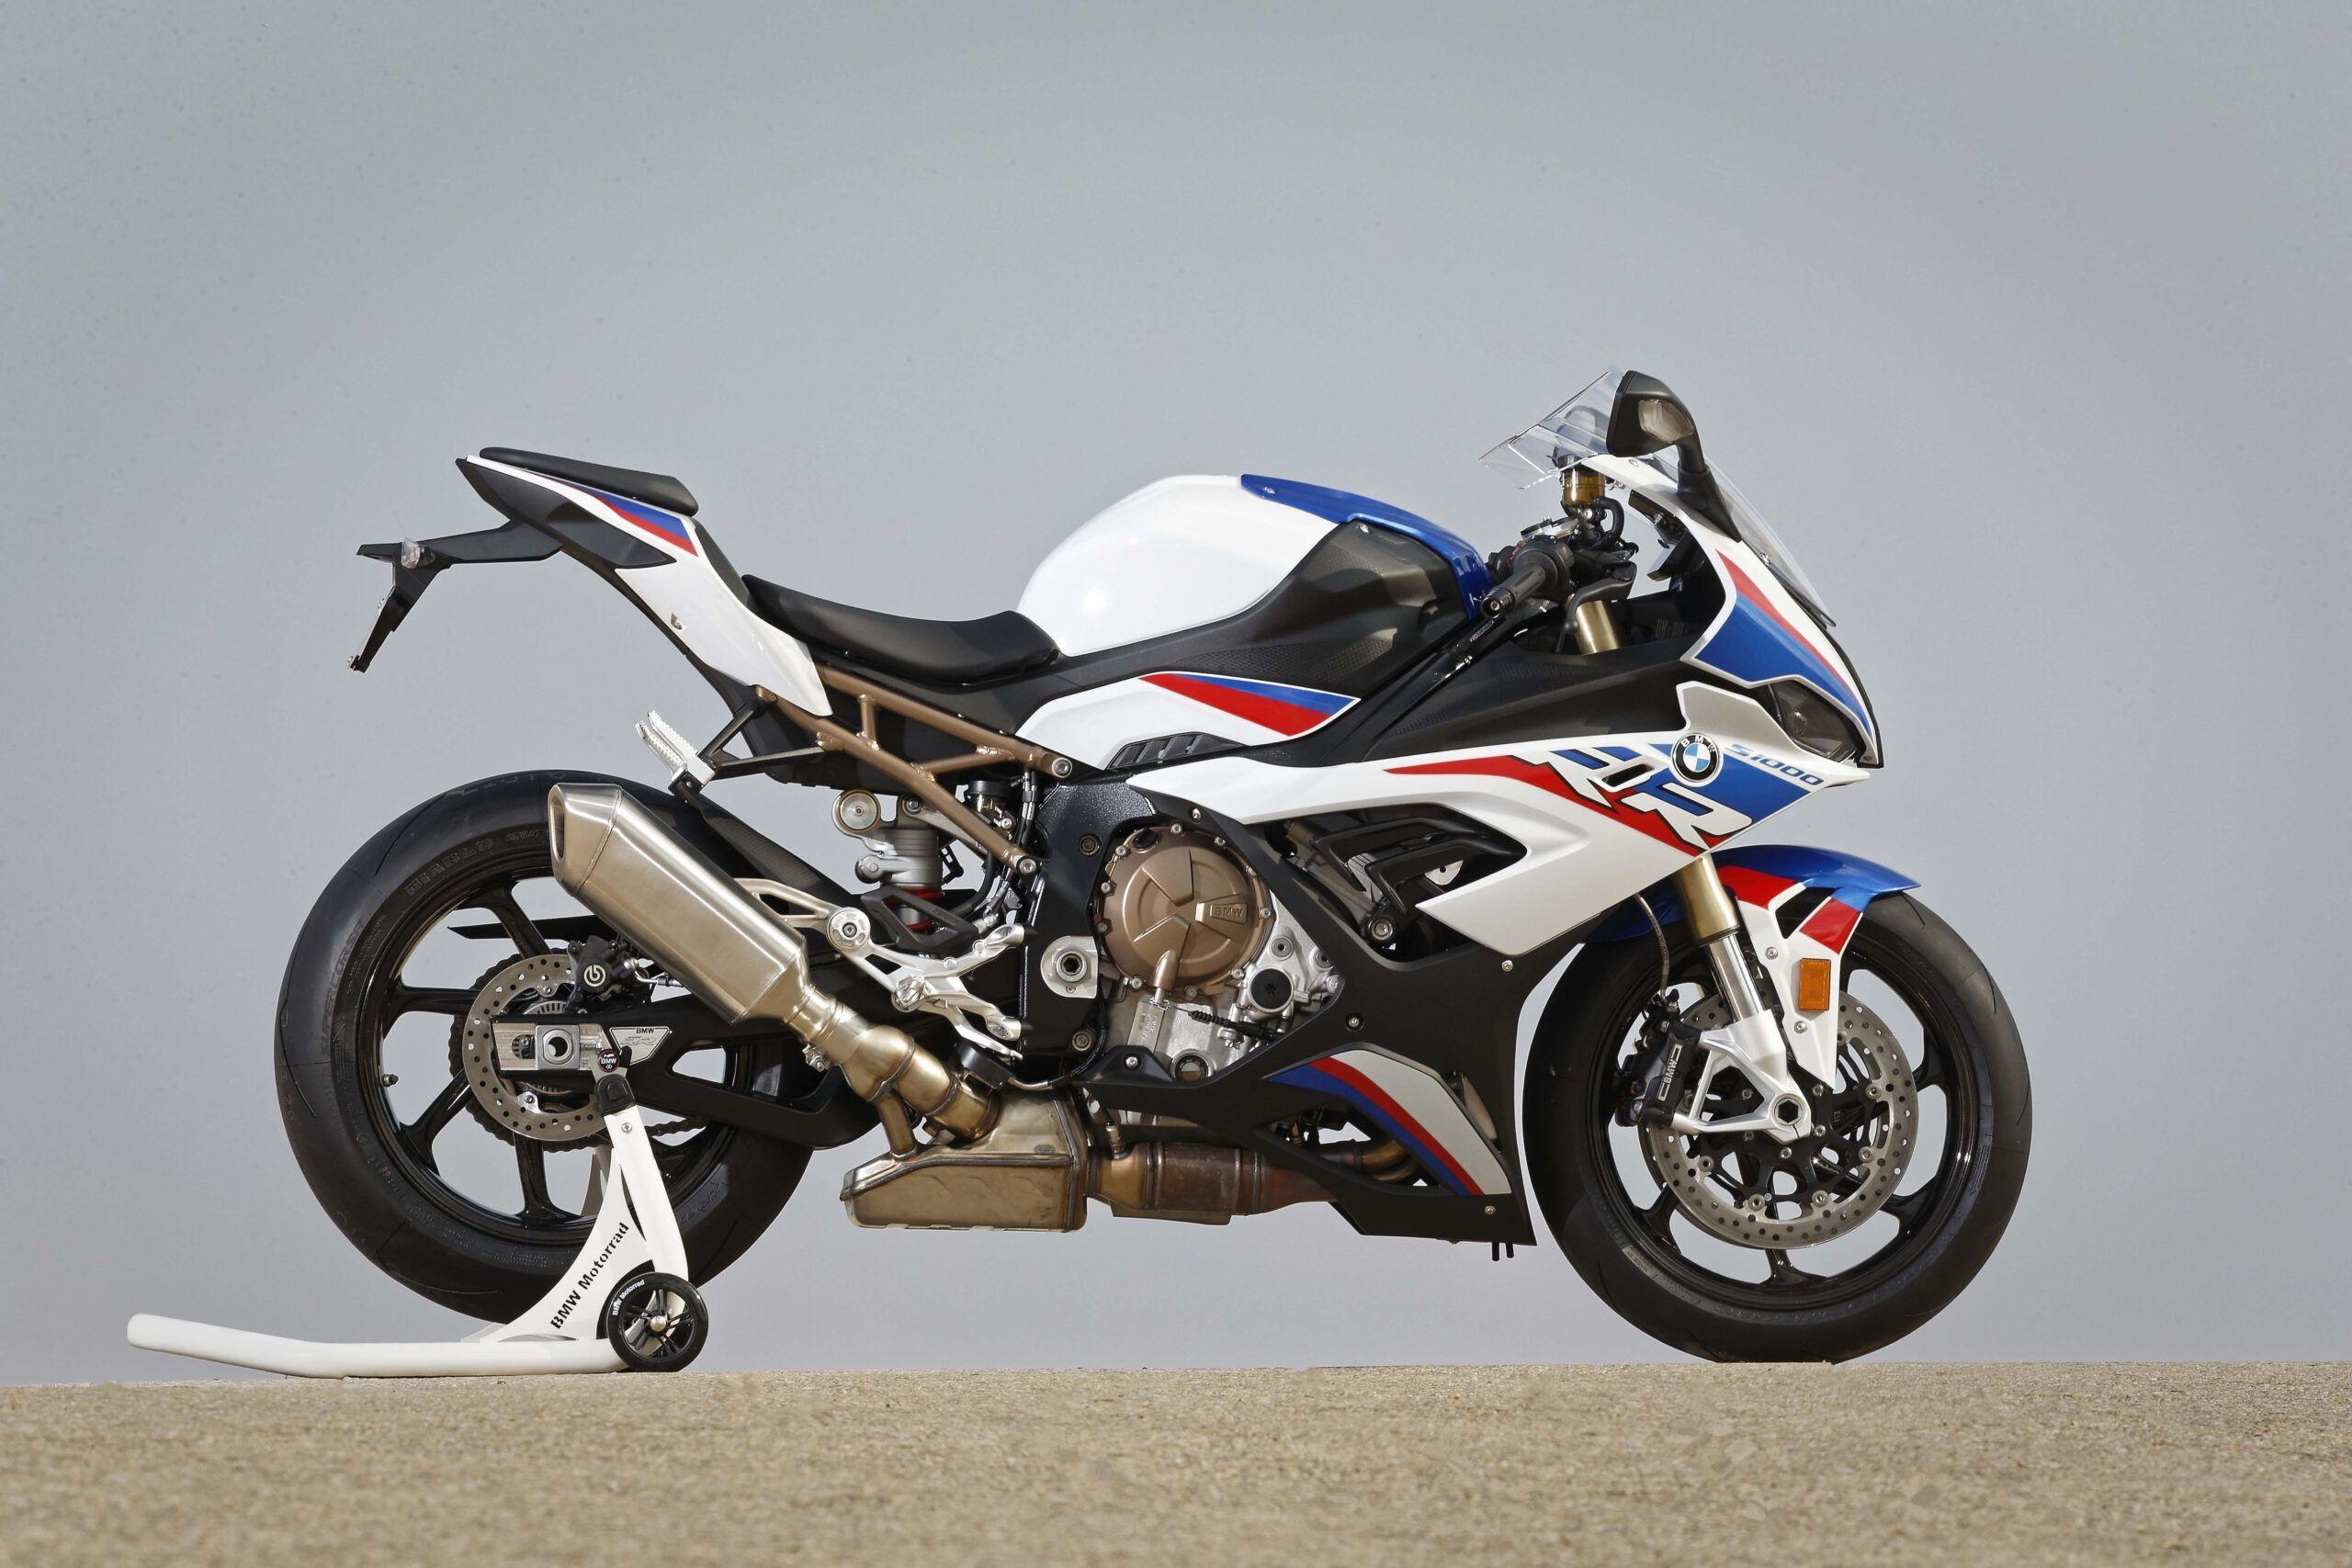 Bmw S1000rr 2020 Price Spy Shoot 2020 Motosikletler Arabalar